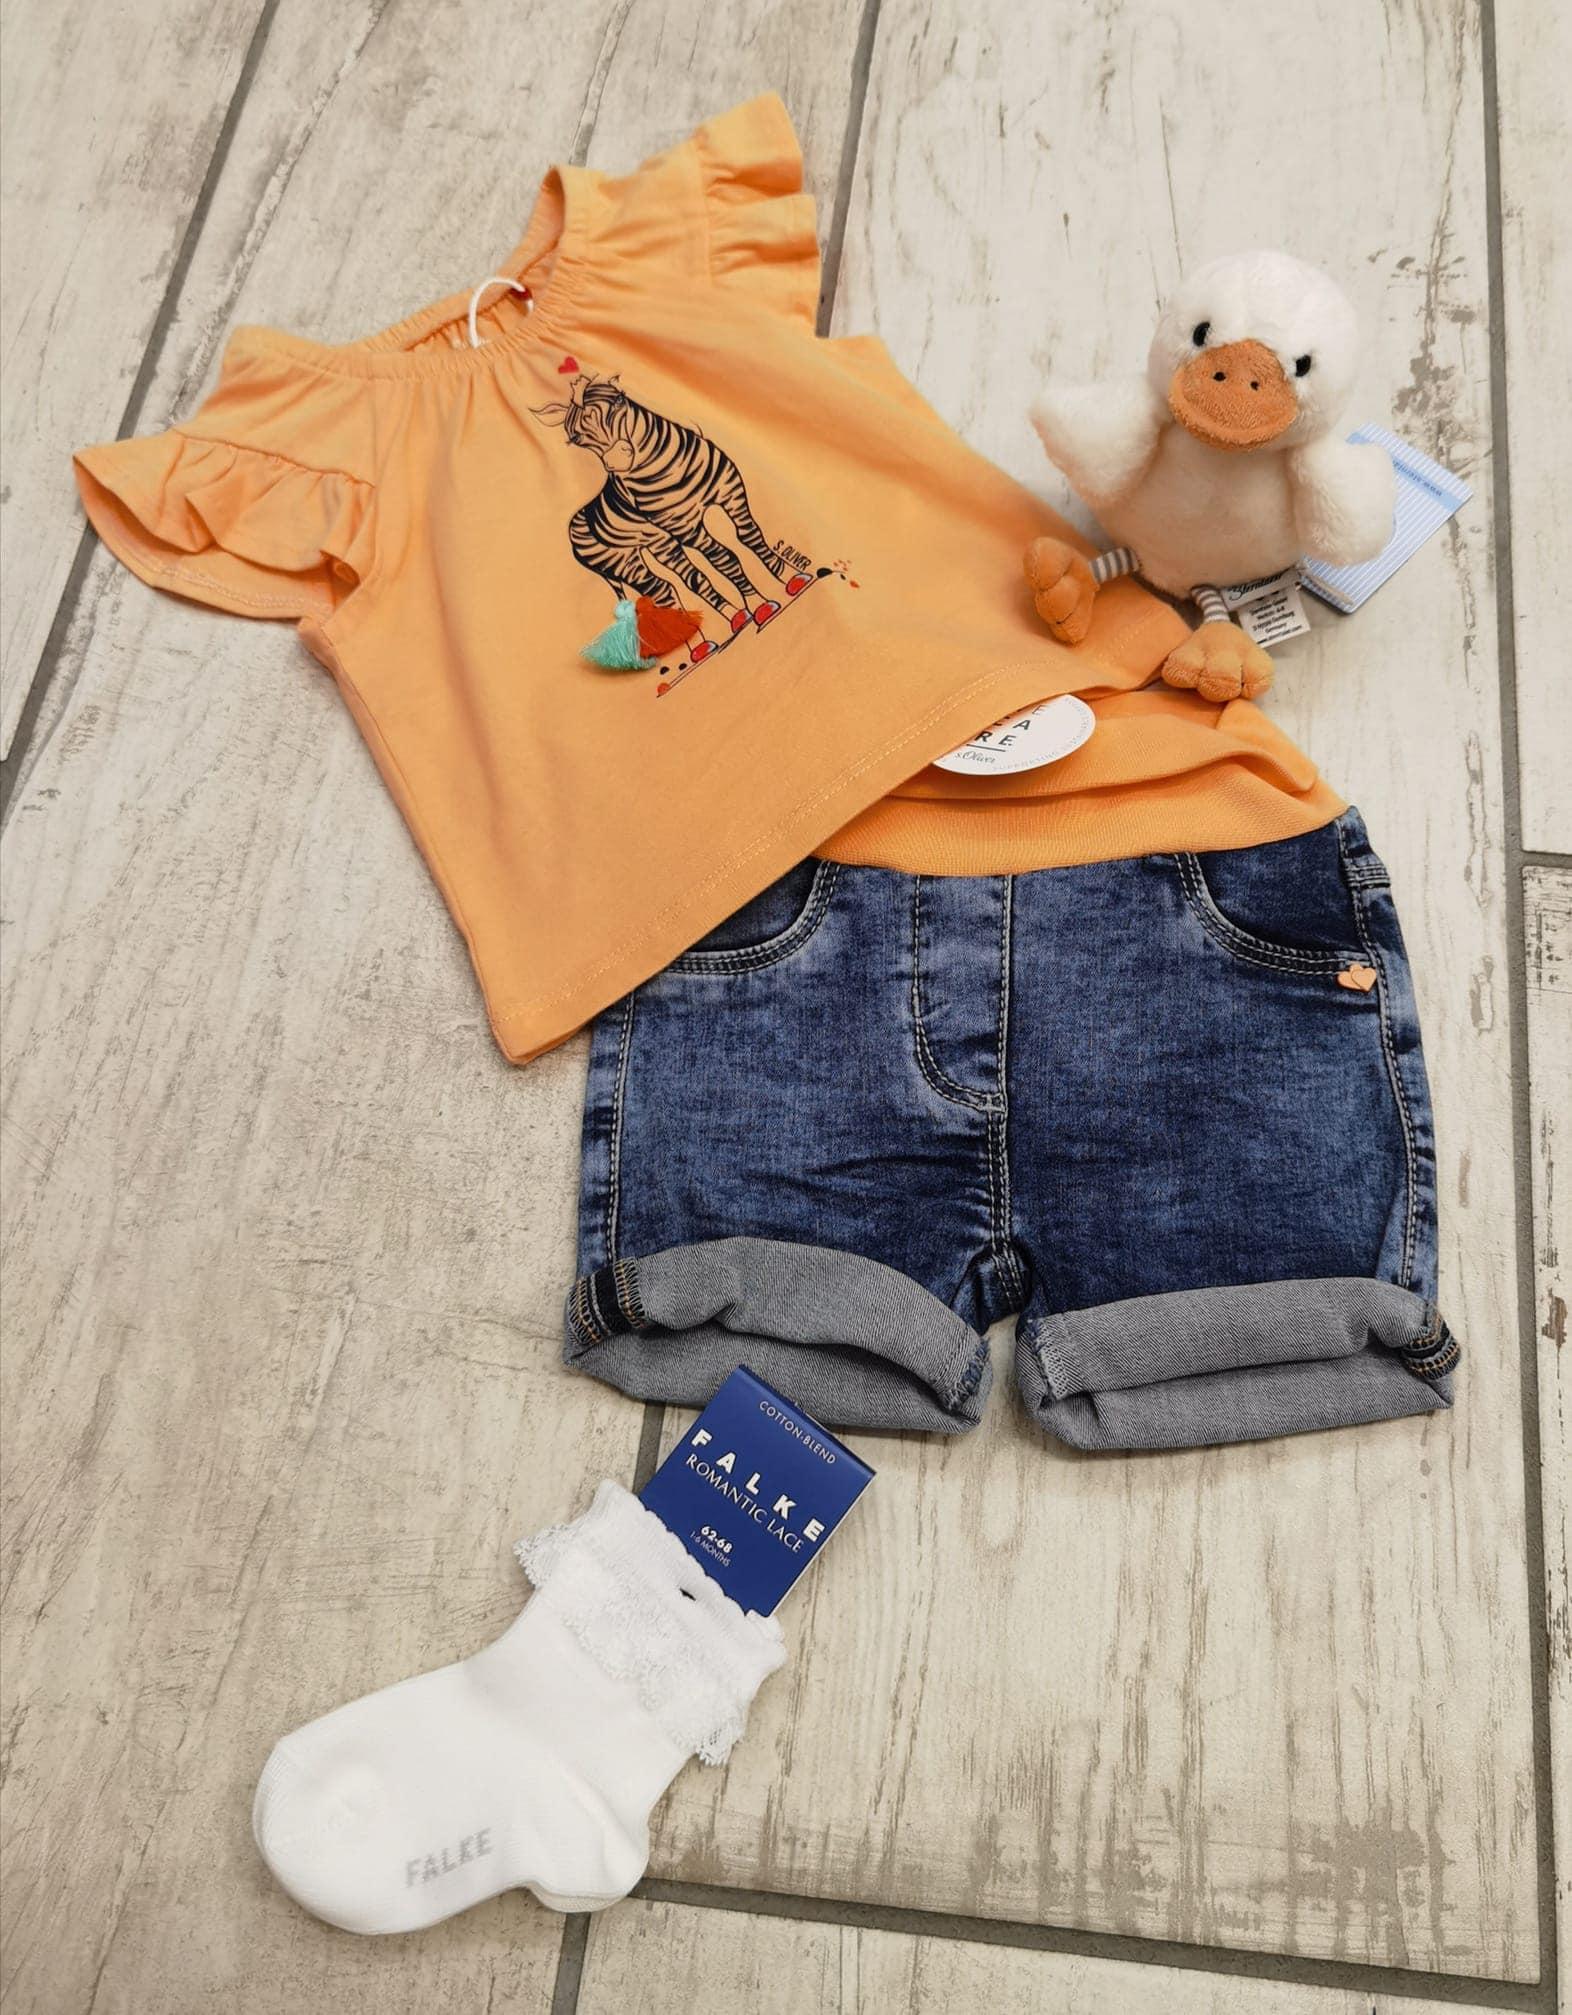 Kindermode, kurze Hose, T-Shirt, Ostern, Ostergeschenke für Kinder, Geschenkideen, Osterfest, 9020 Klagenfurt am Wörthersee